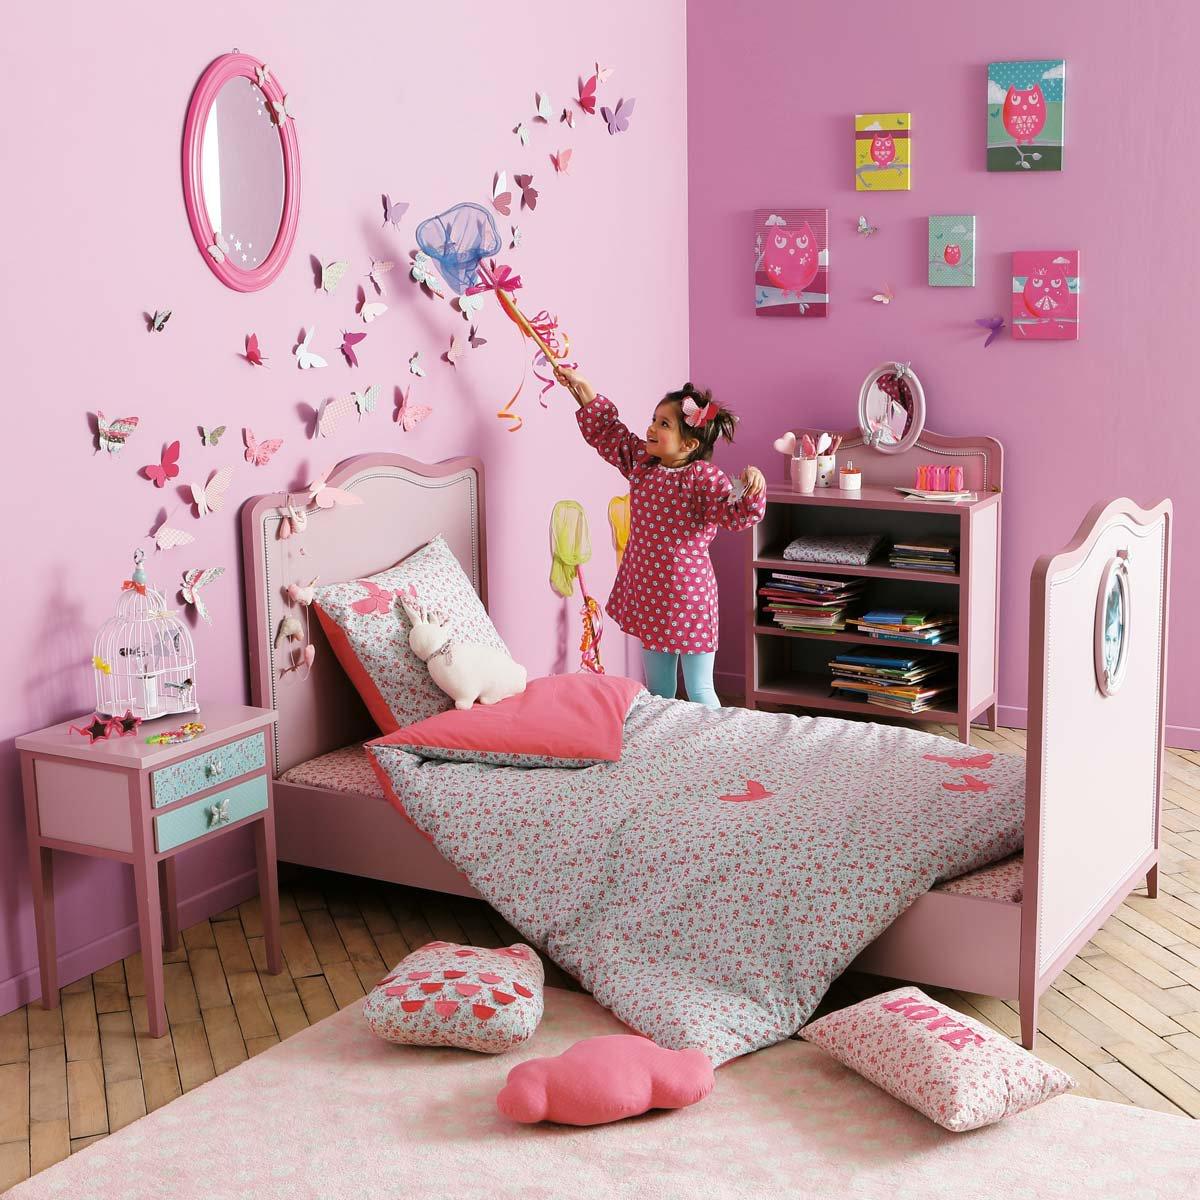 Asombroso De dormitorios infantiles con estilo Descubra La Inspiración Del Diseño - Dormitorios con el estilo princesa